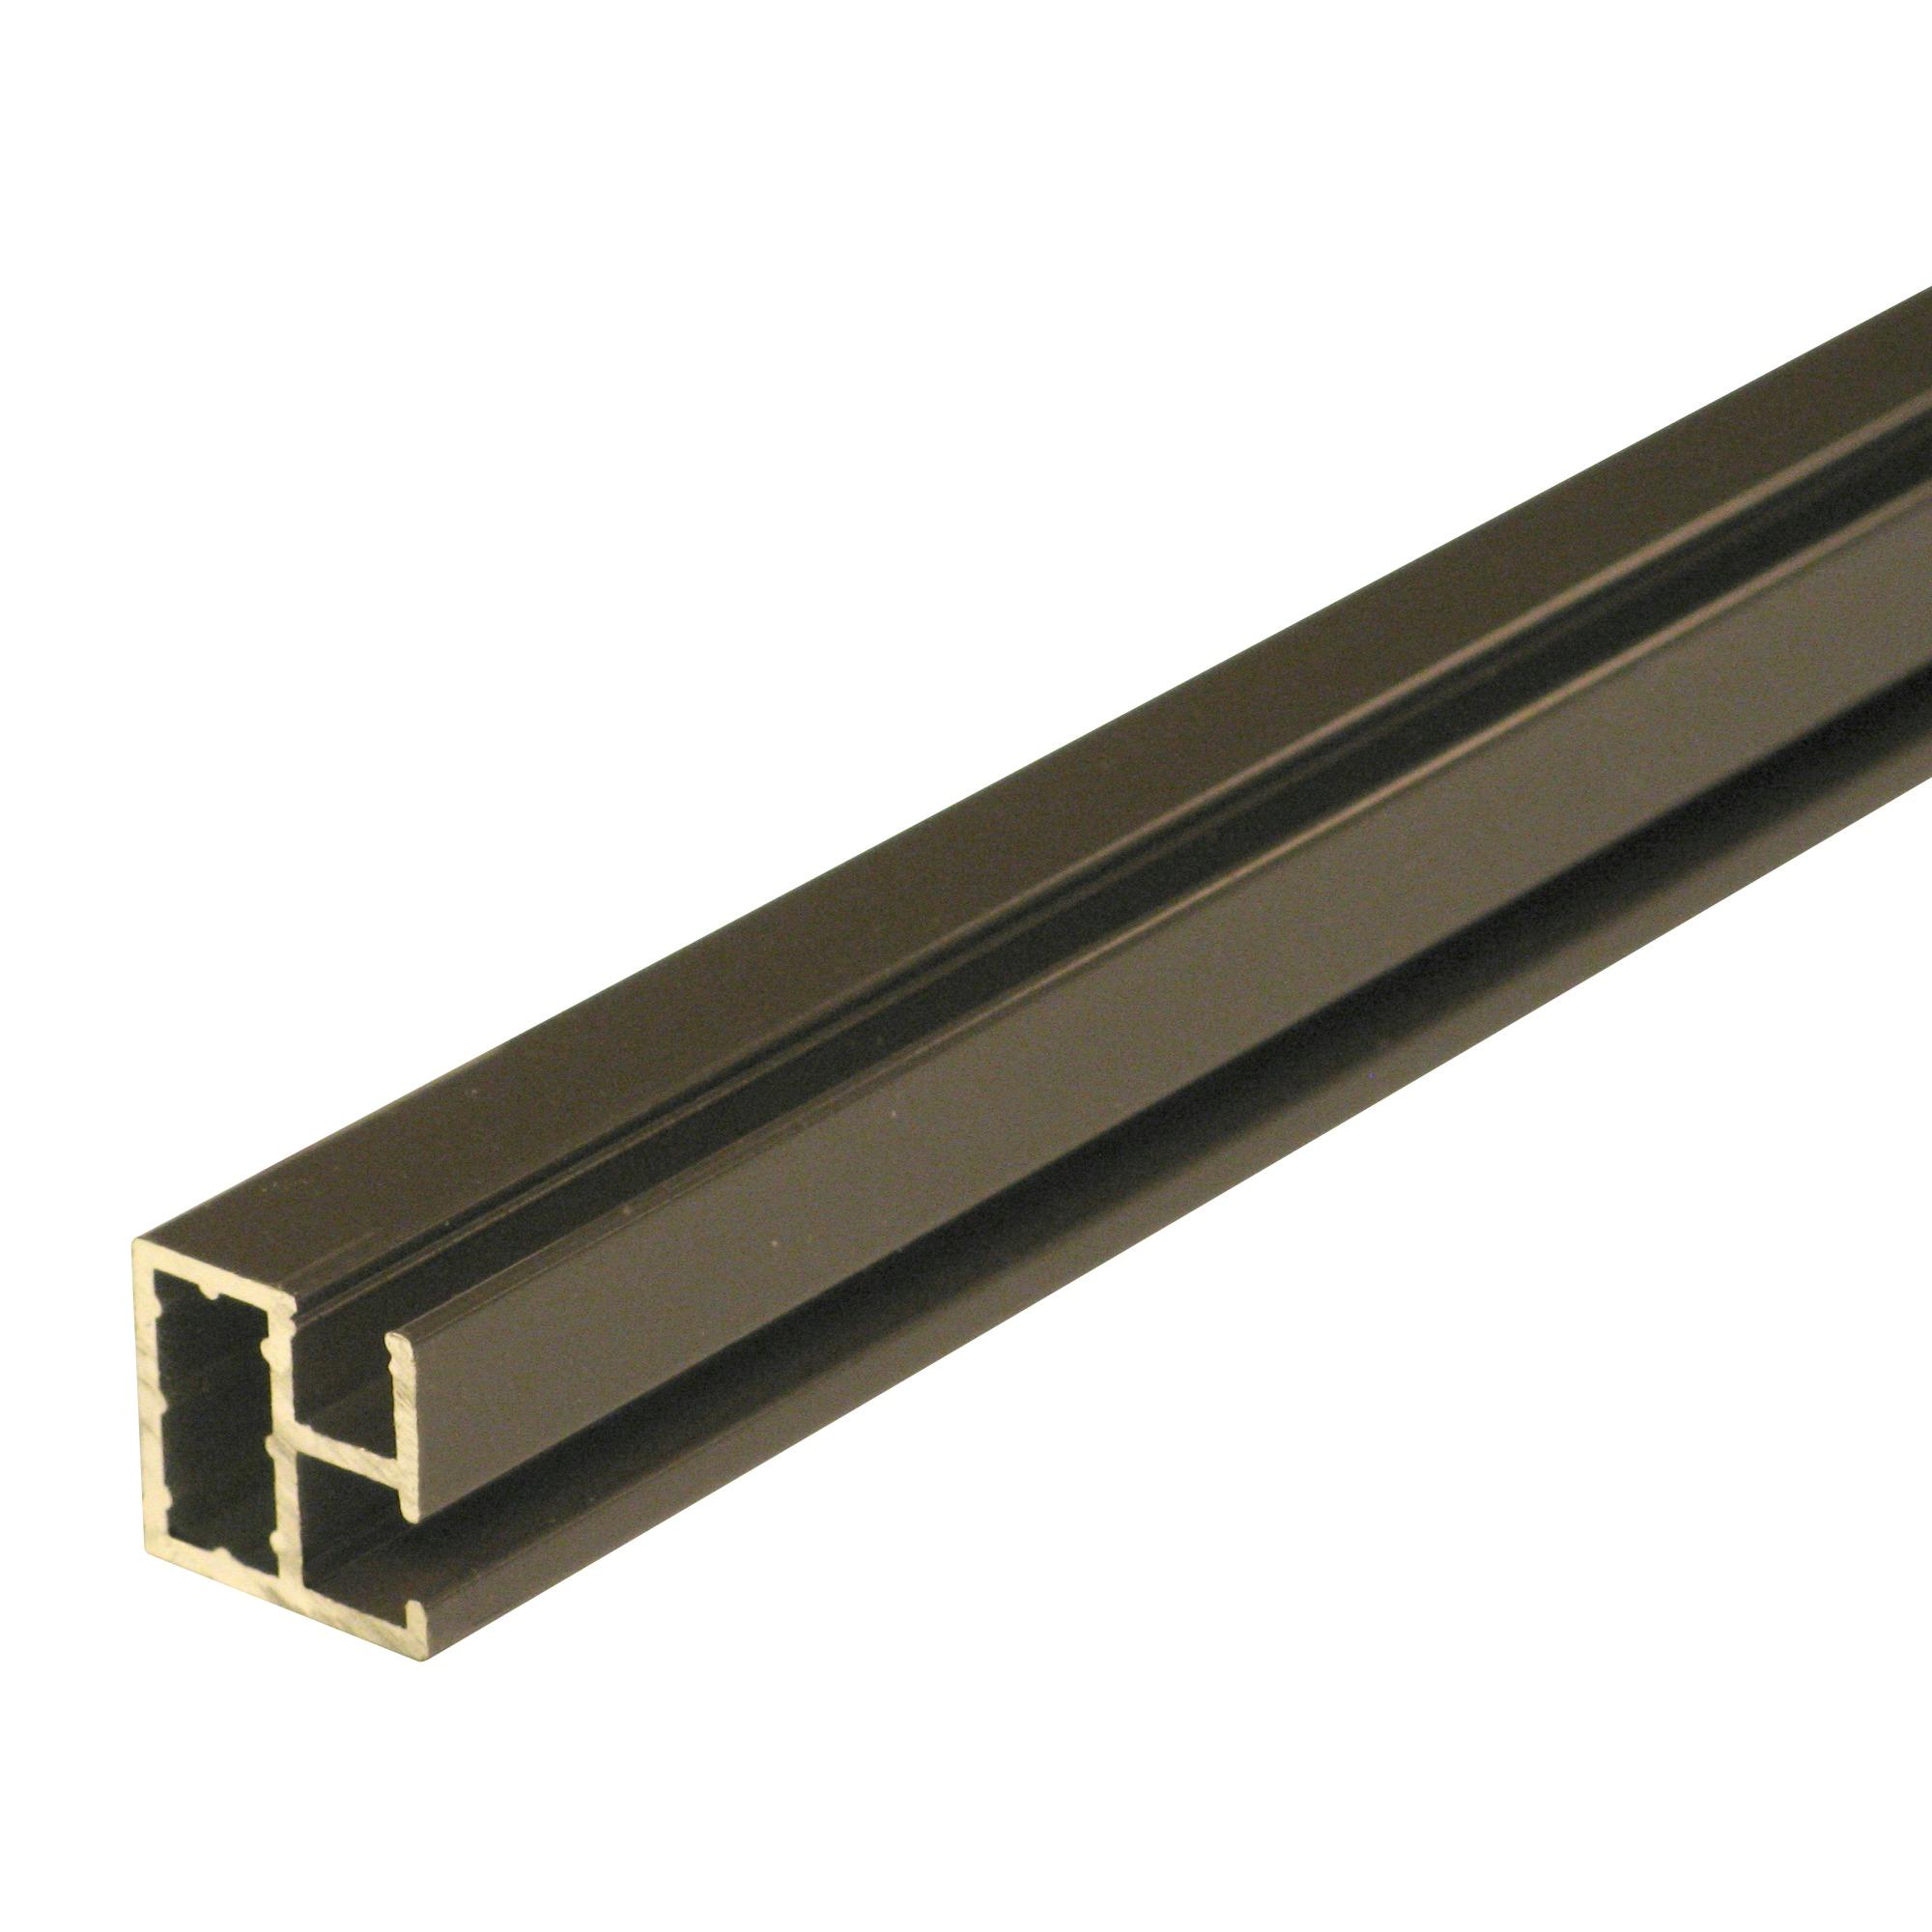 Profil moustiquaire en aluminium fikszo 200 cm brun for Gamma porte et fenetre